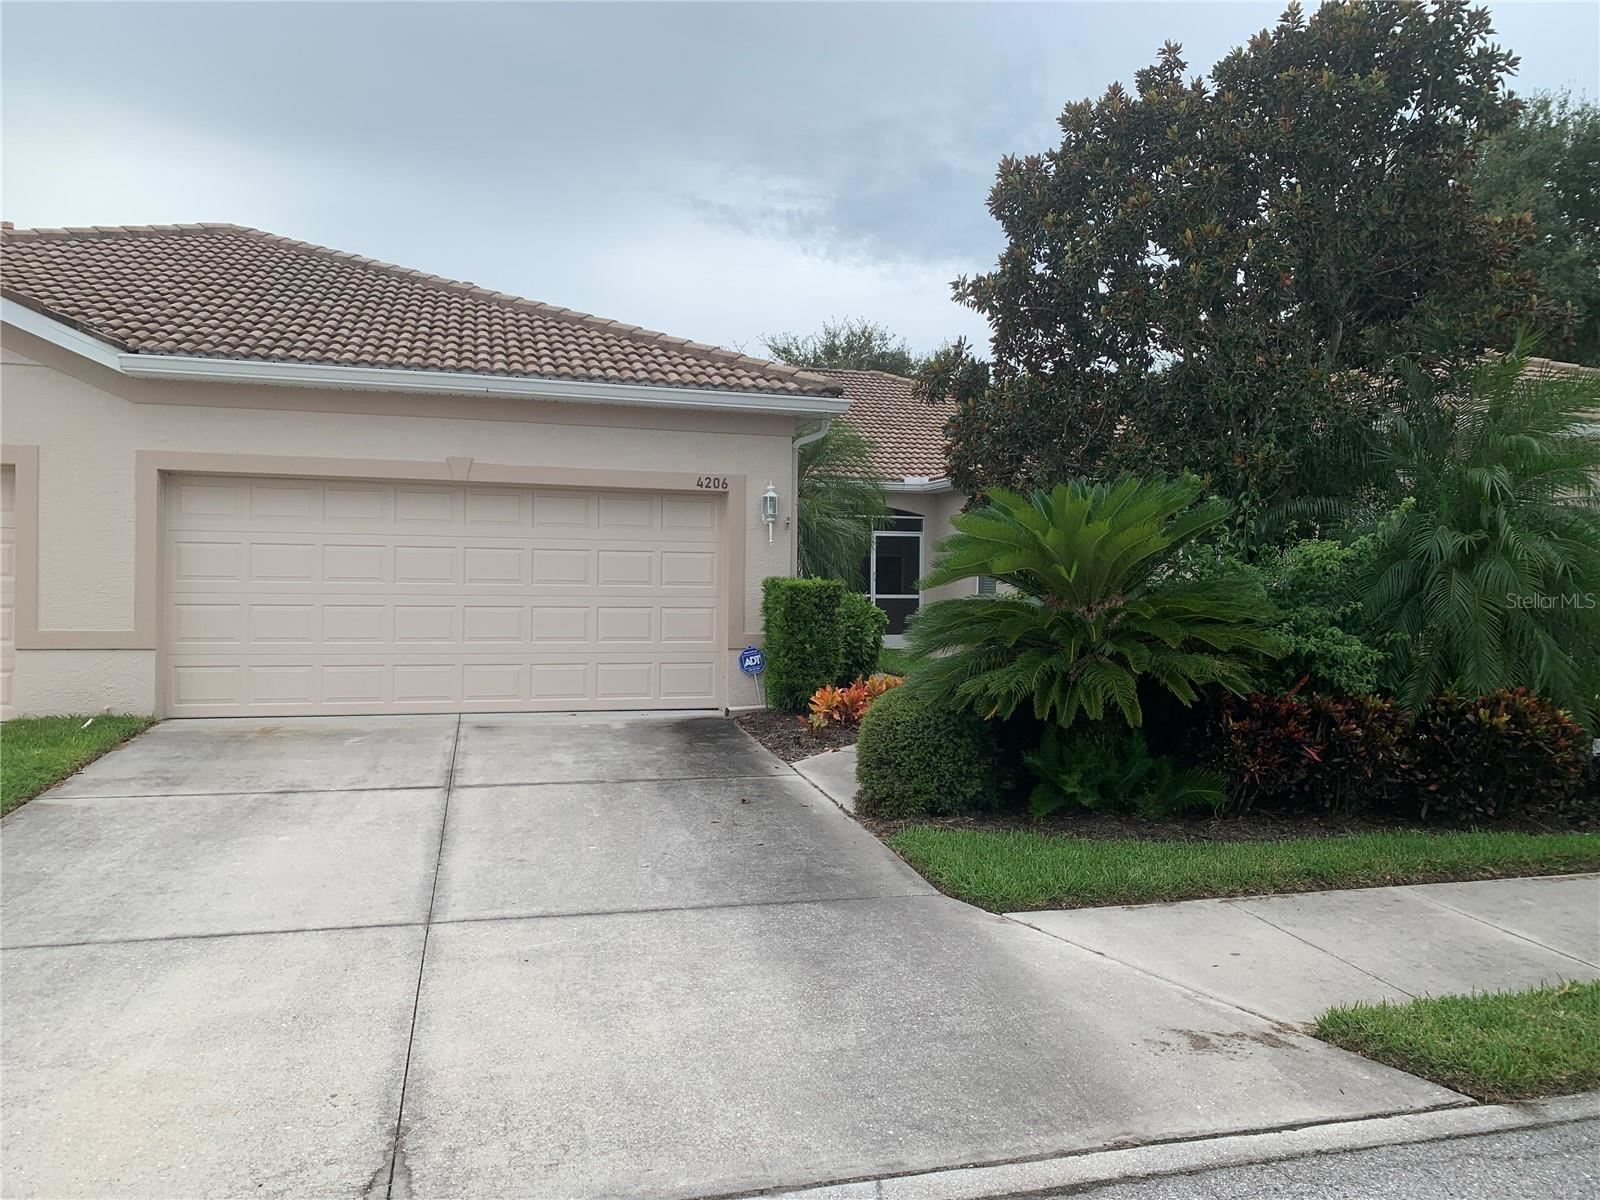 4206 CASCADE FALLS DRIVE, Sarasota, FL 34243 - #: A4512088